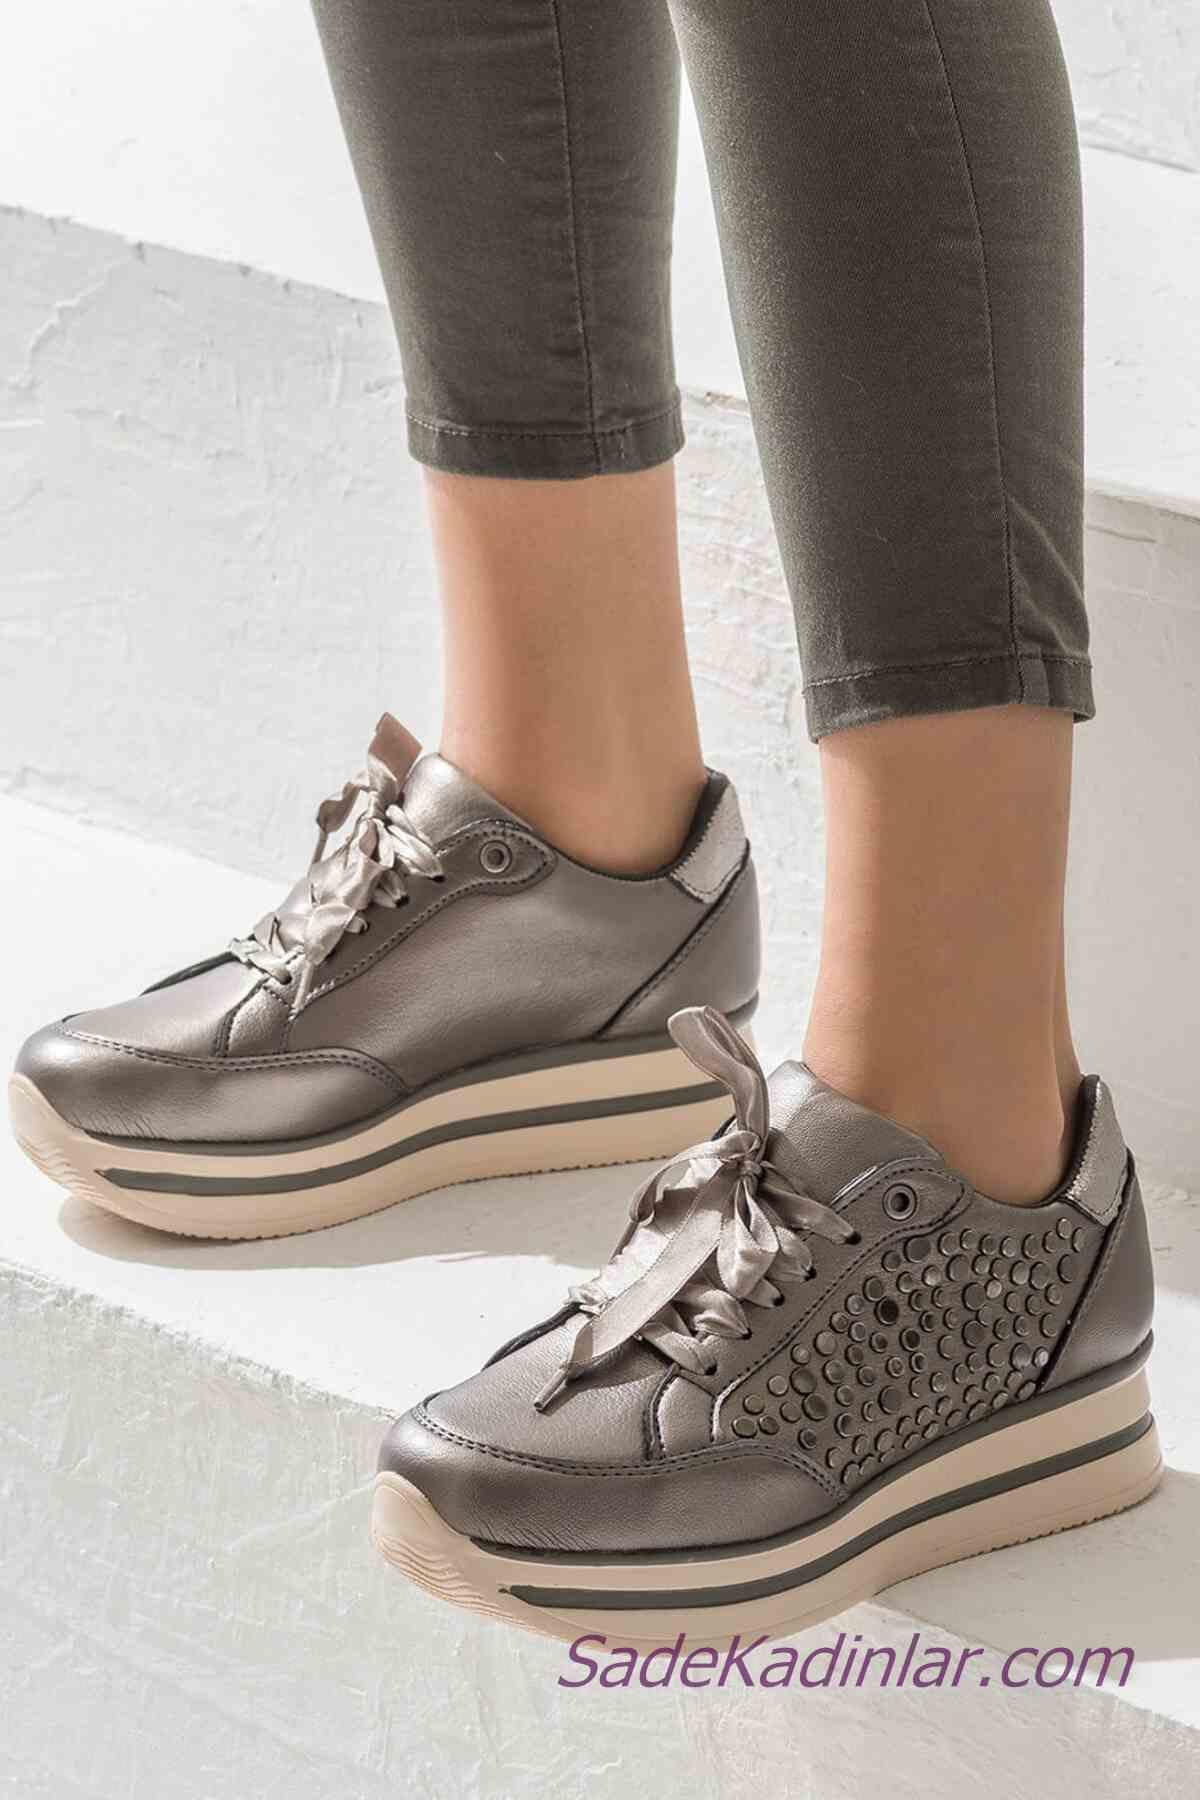 Sneakers Bayan Spor Ayakkabı Modelleri Gümüş Bağcıklı Metal Aksesuarlı